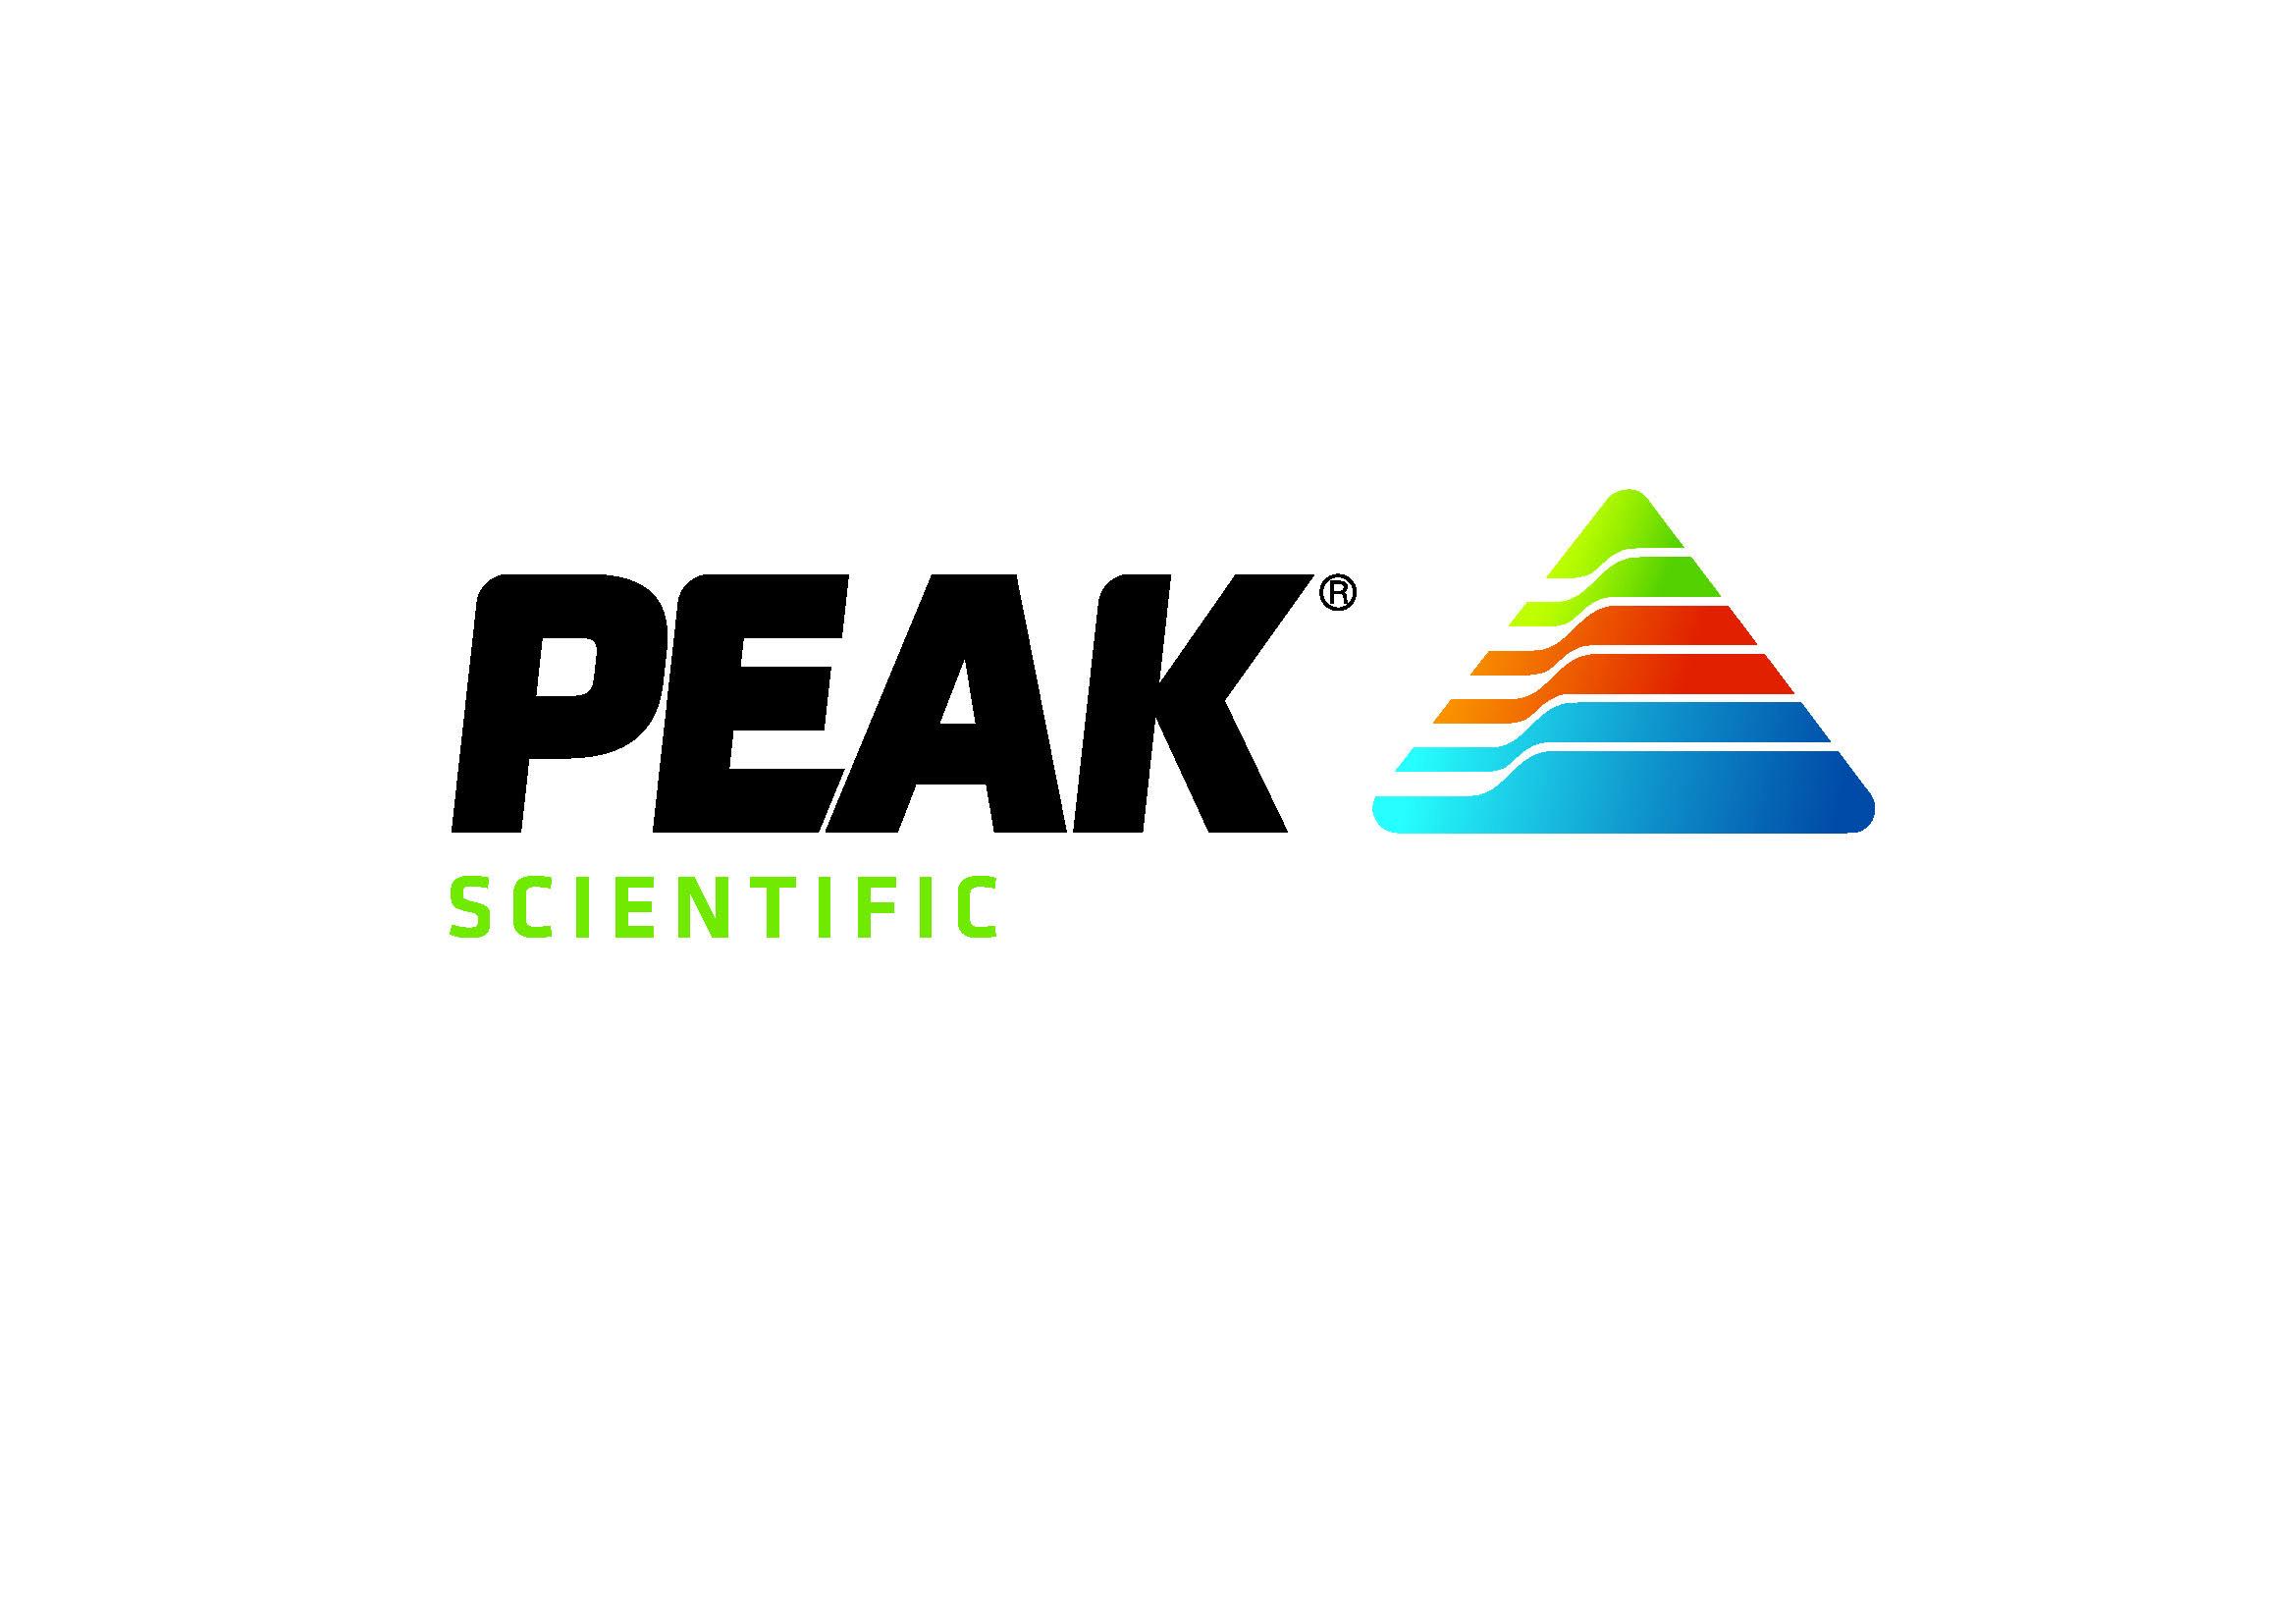 PEAK Scientific